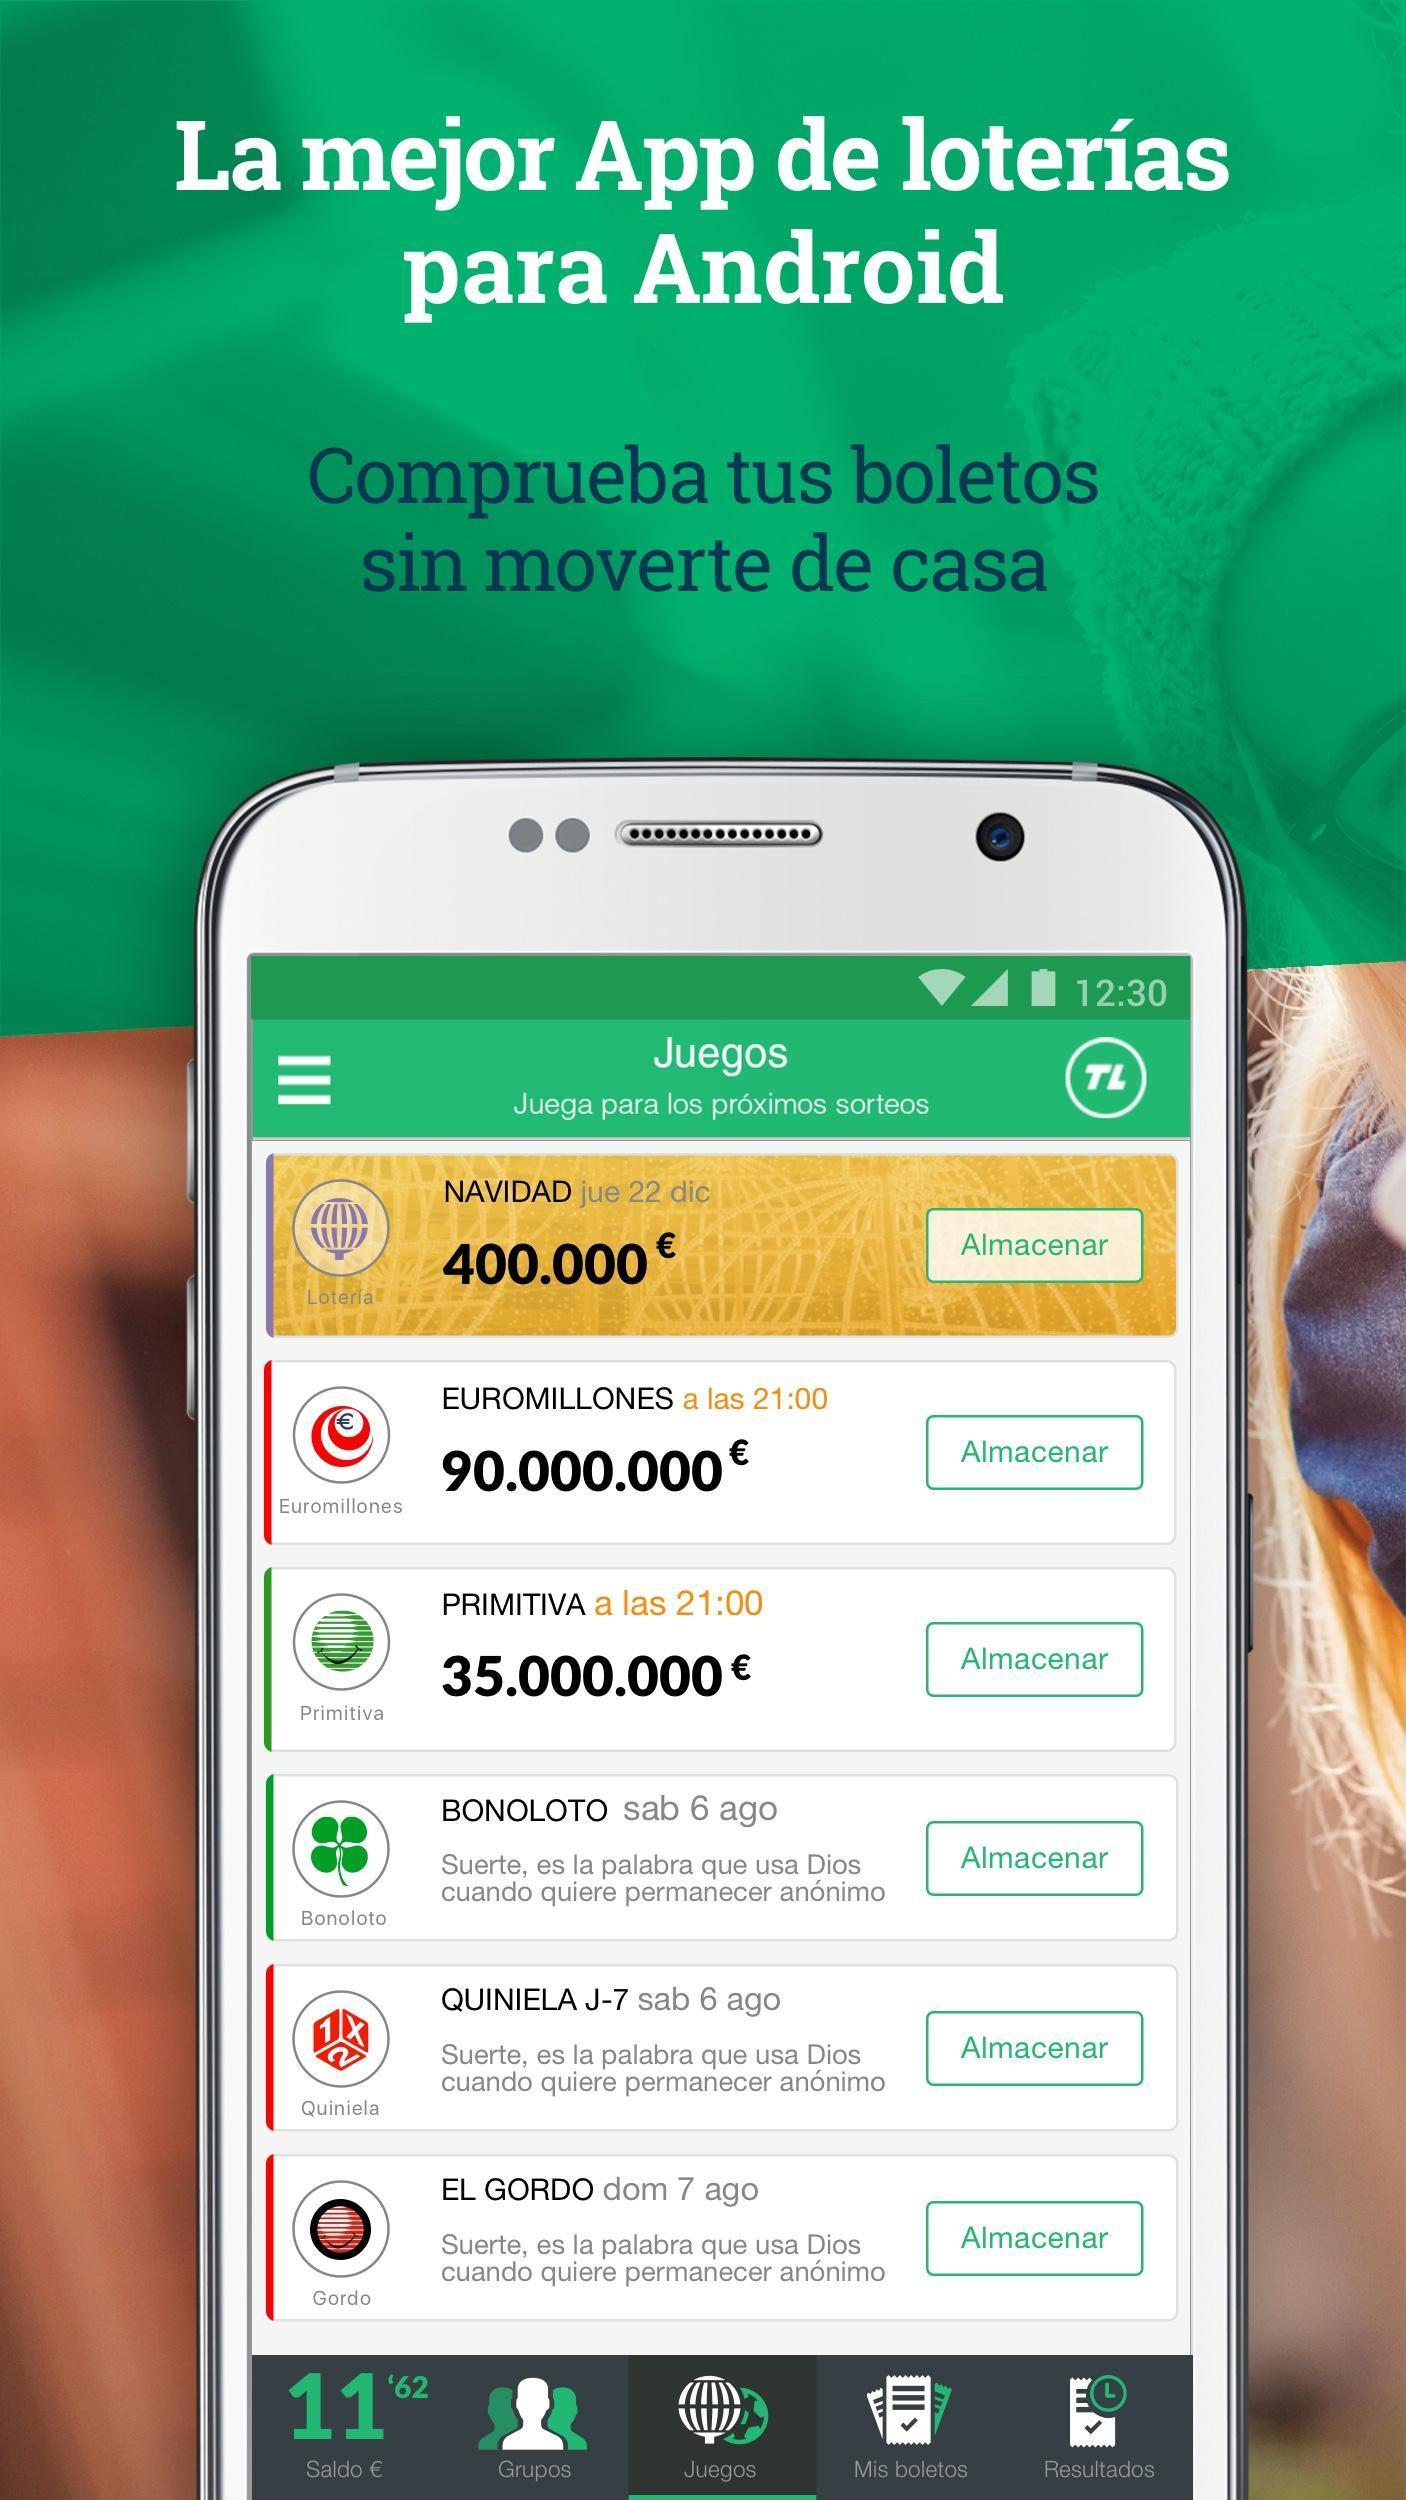 Испанская лотерея bonoloto — как купить билет из россии + правила лотереи   зарубежные лотереи